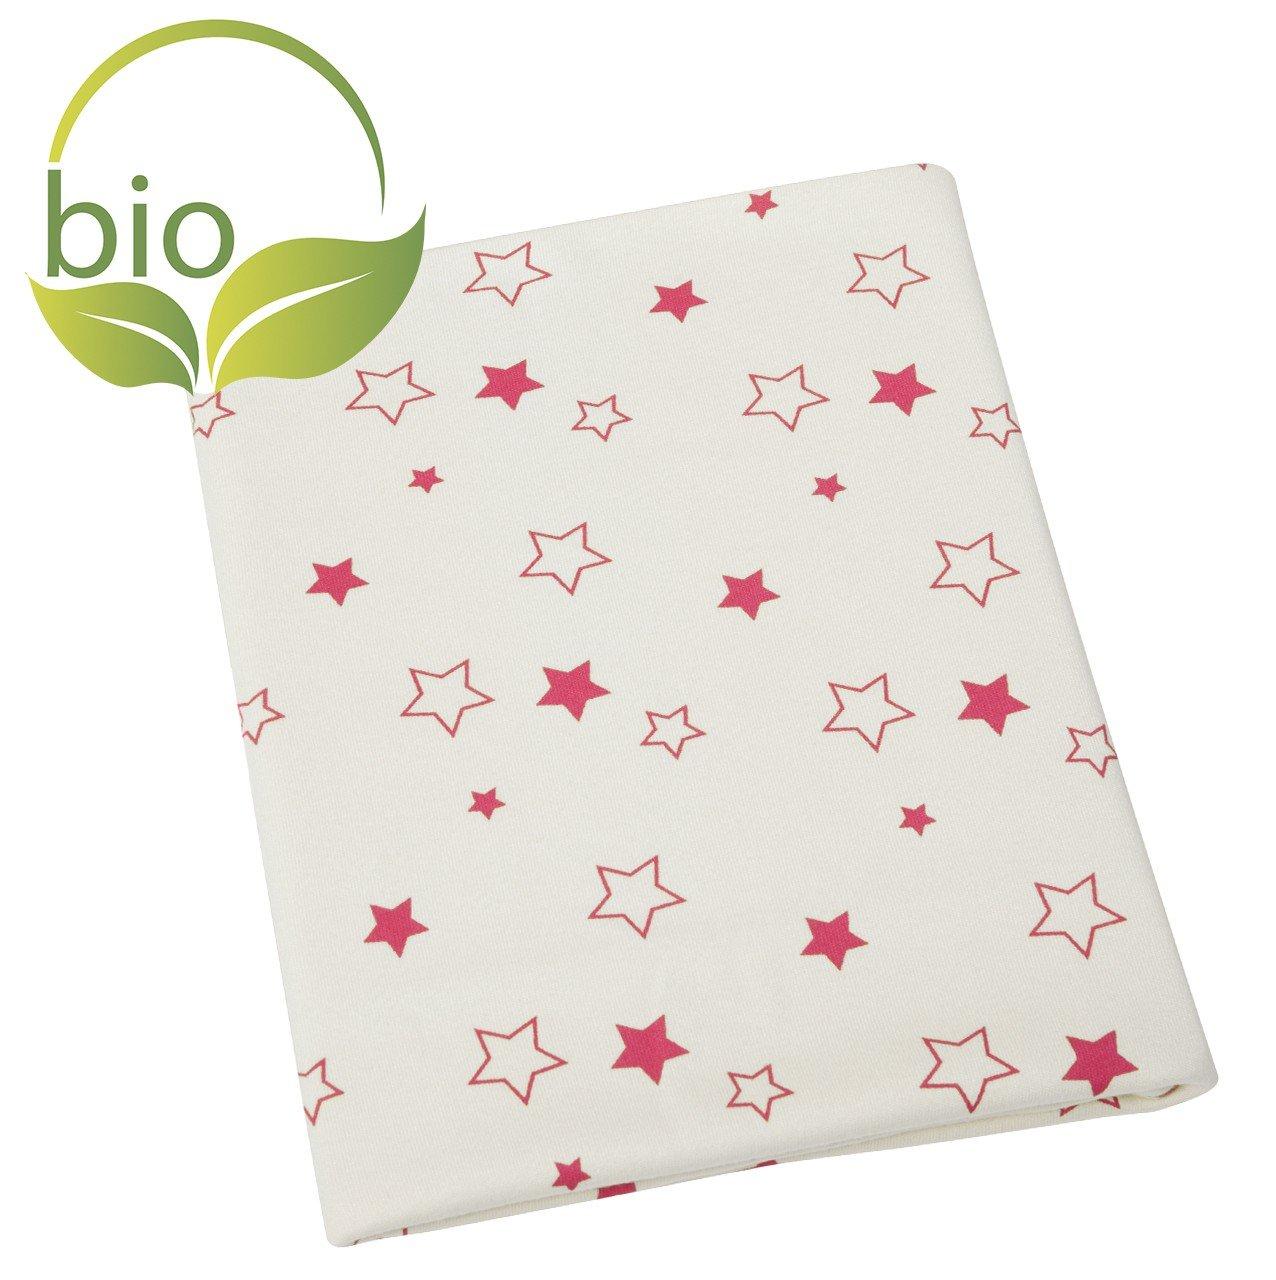 byboom/ erstling pour b/éb/é /Bio Couverture Couleur: Naturel/ /Girafe plaid 70/x 100/cm fabriqu/é en UE en 100/% coton bio avec motif couverture d/ét/é